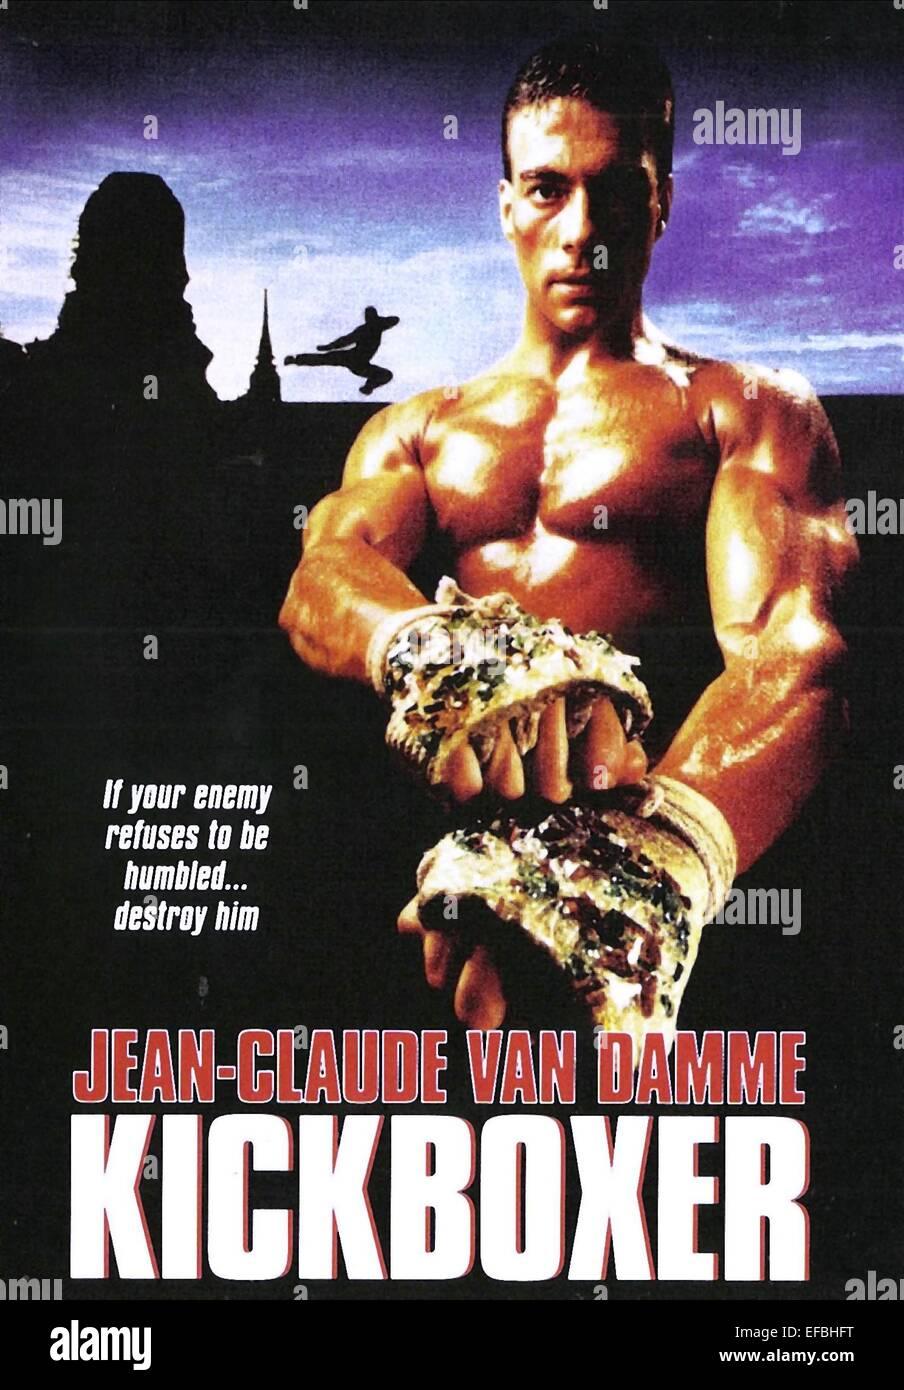 film jean claude van damme kickboxer